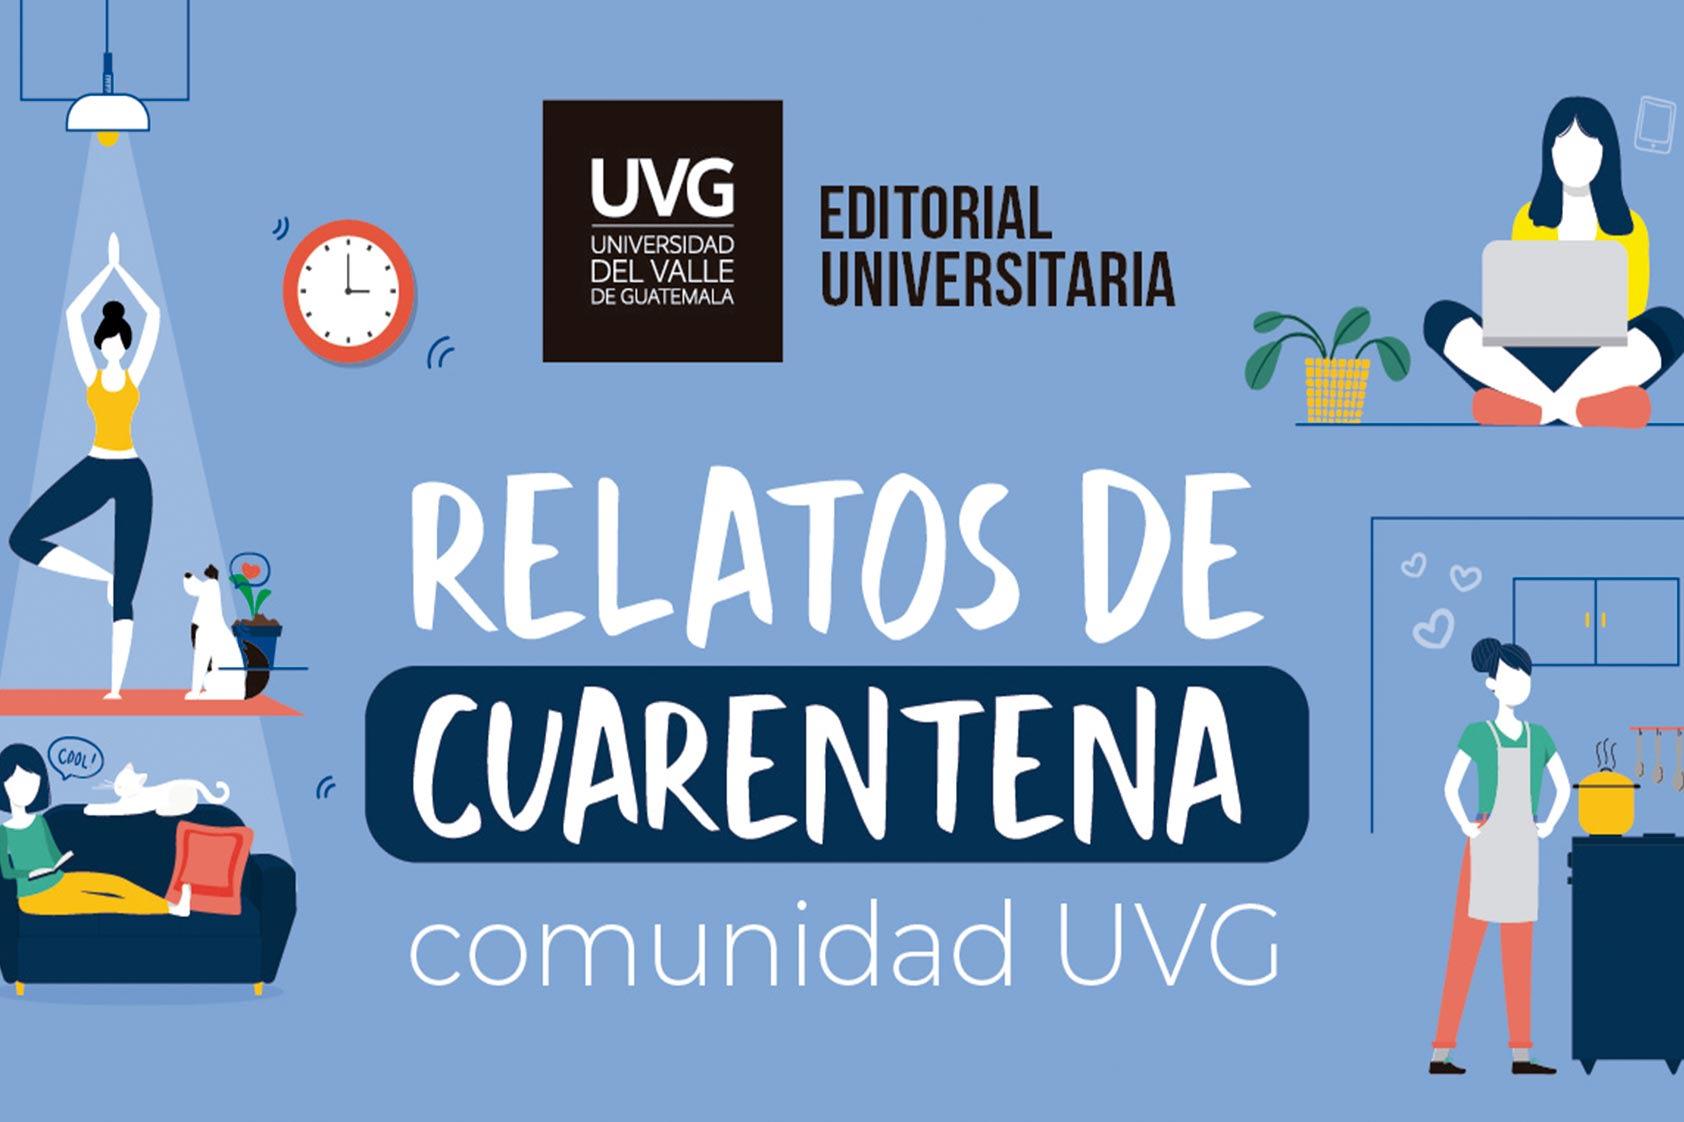 El próximo libro de la Editorial Universitaria relata más de 80 historias en cuarentena